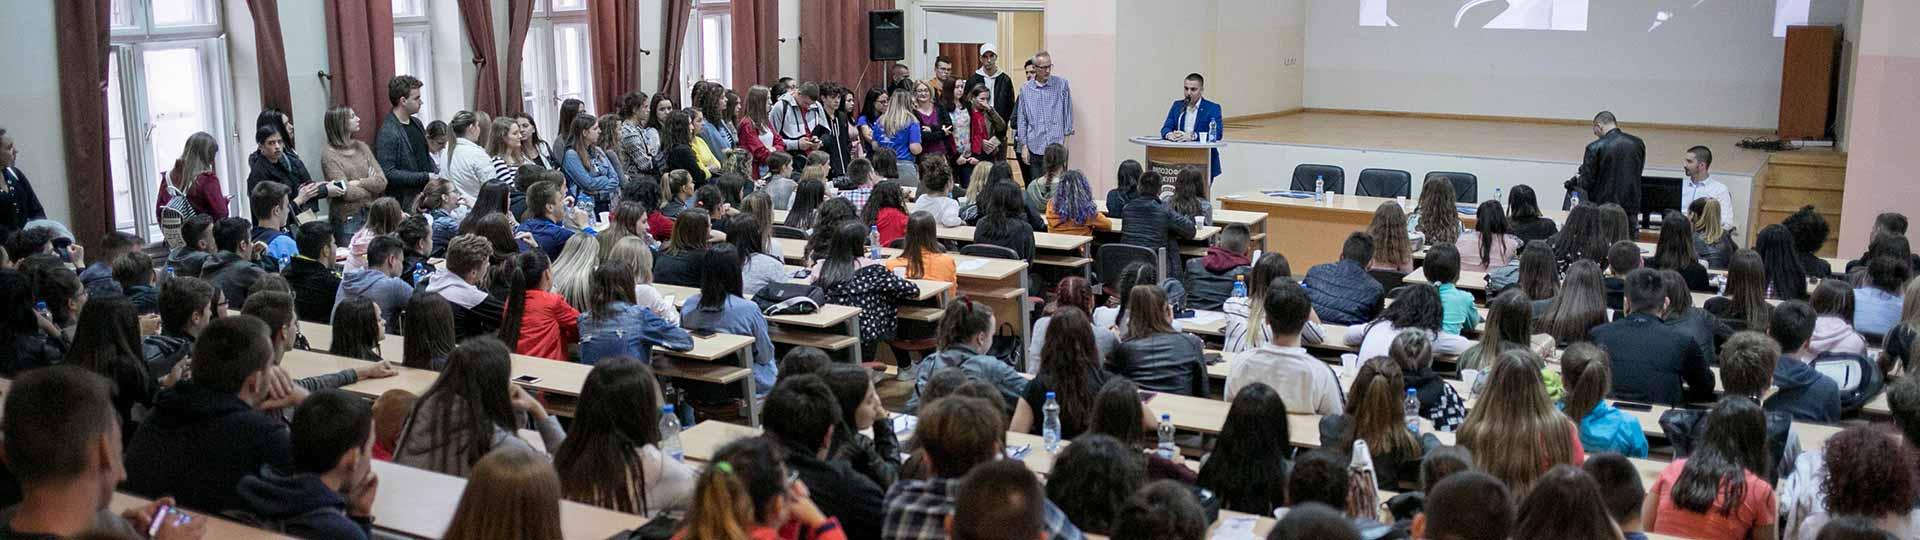 Такмичење у беседништву за средњошколце: Свети Сава и образовање